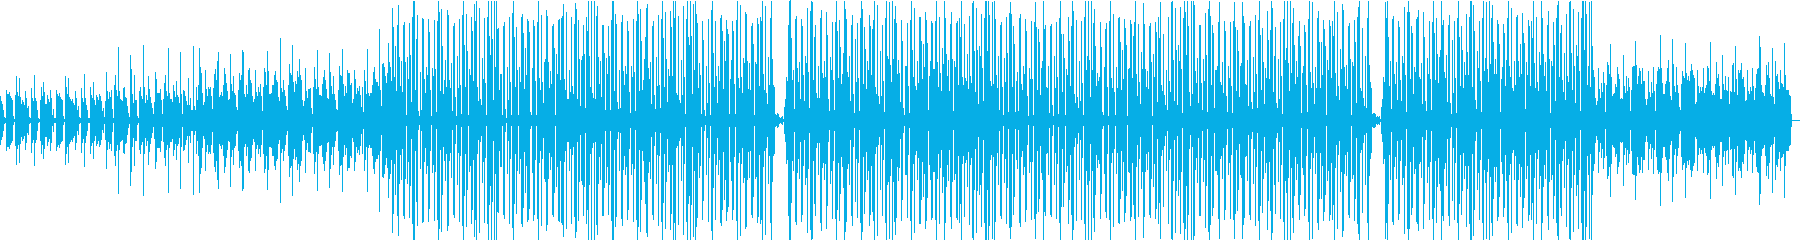 レゲエで楽しむの再生済みの波形